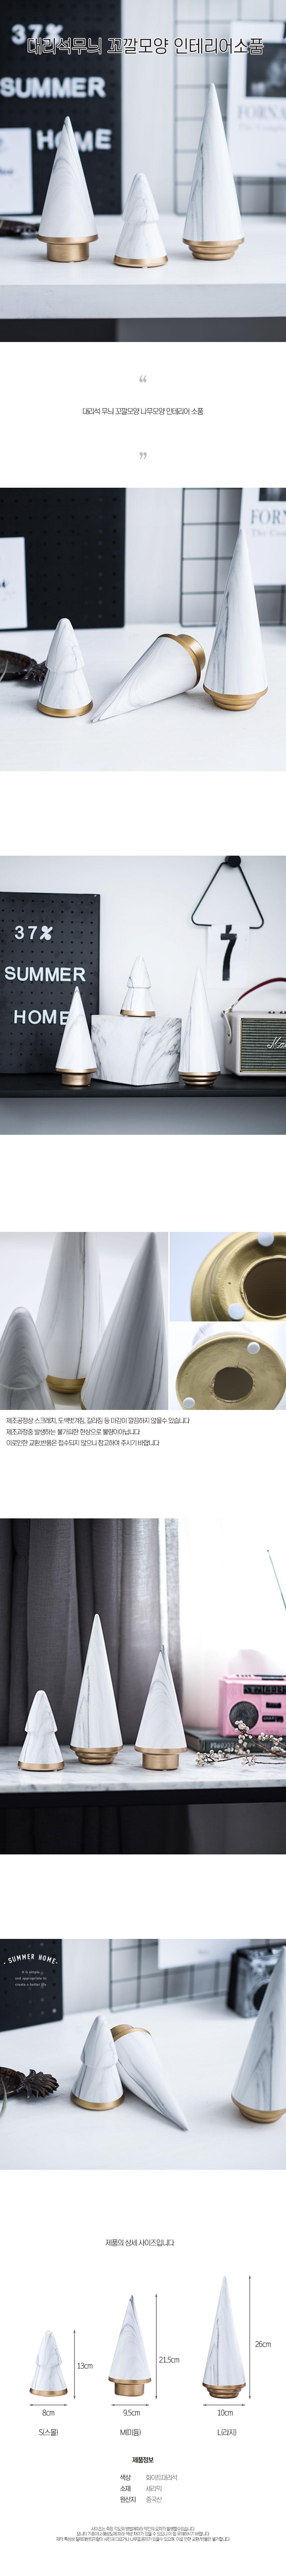 북유럽 대리석 트리 악세사리 장식품 size S - 사인모아, 10,900원, 장식소품, 도자기류